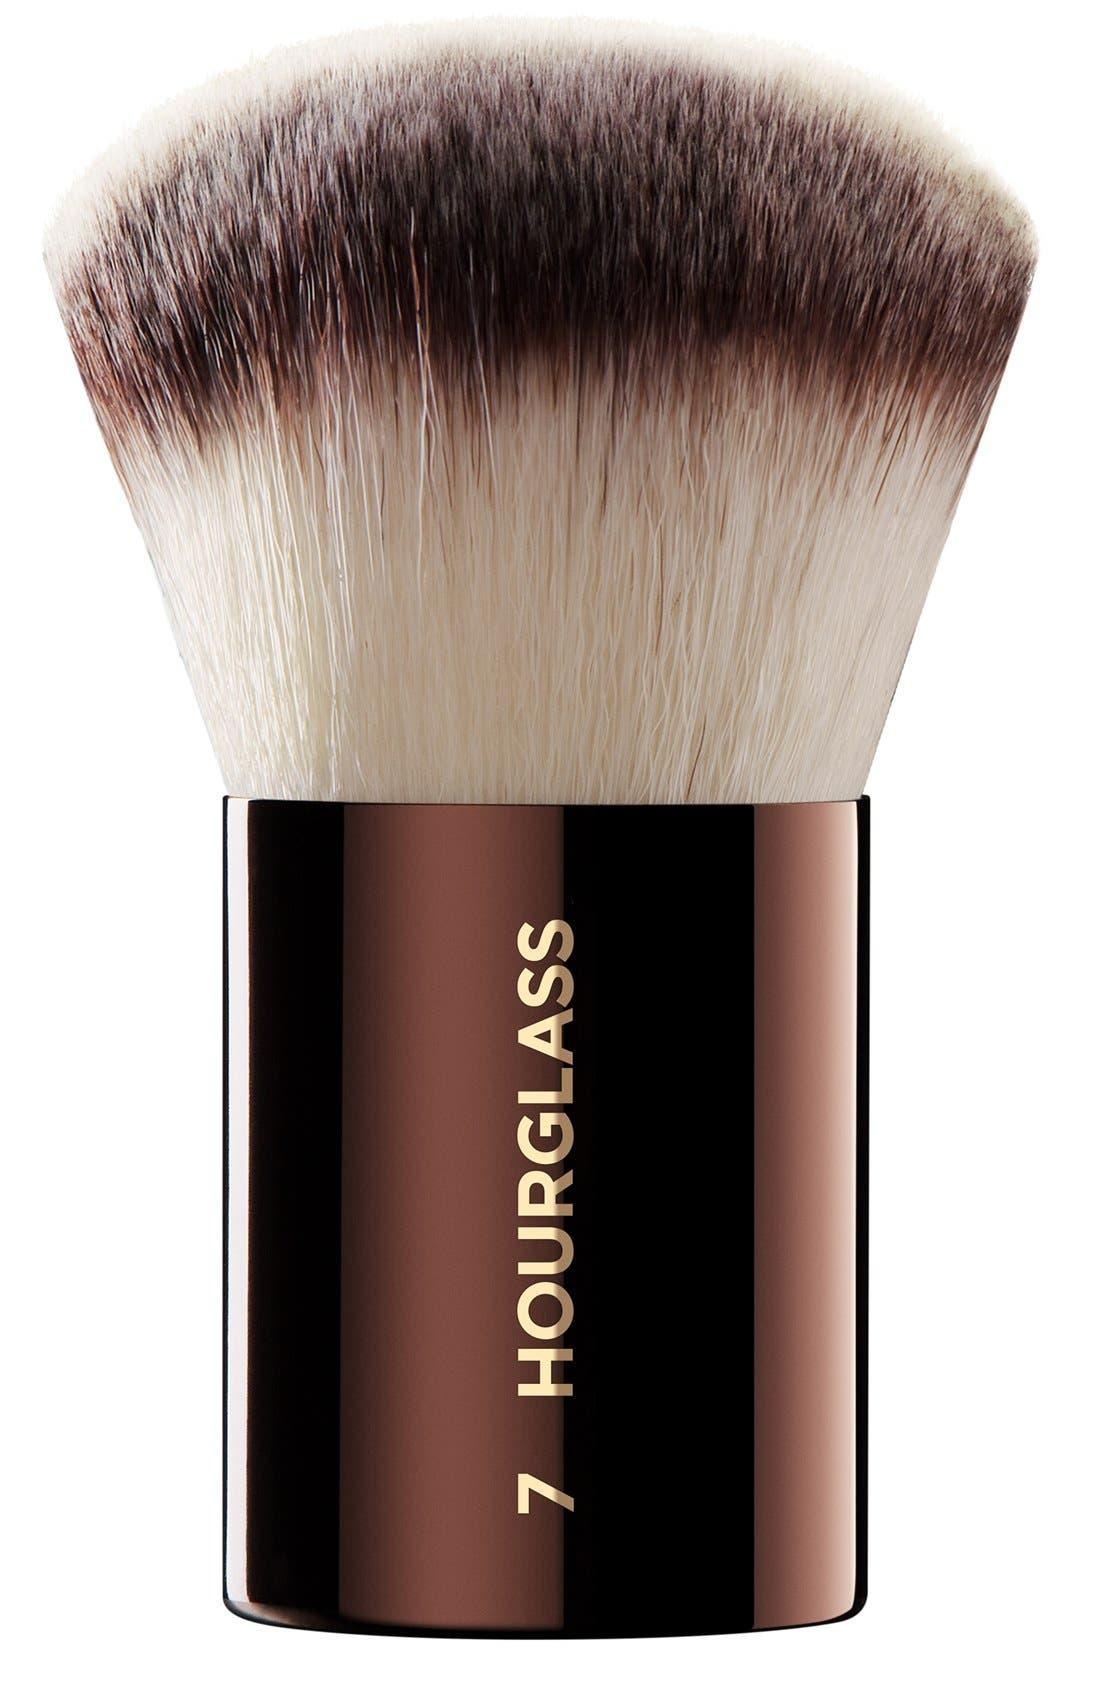 HOURGLASS No. 7 Finishing Brush